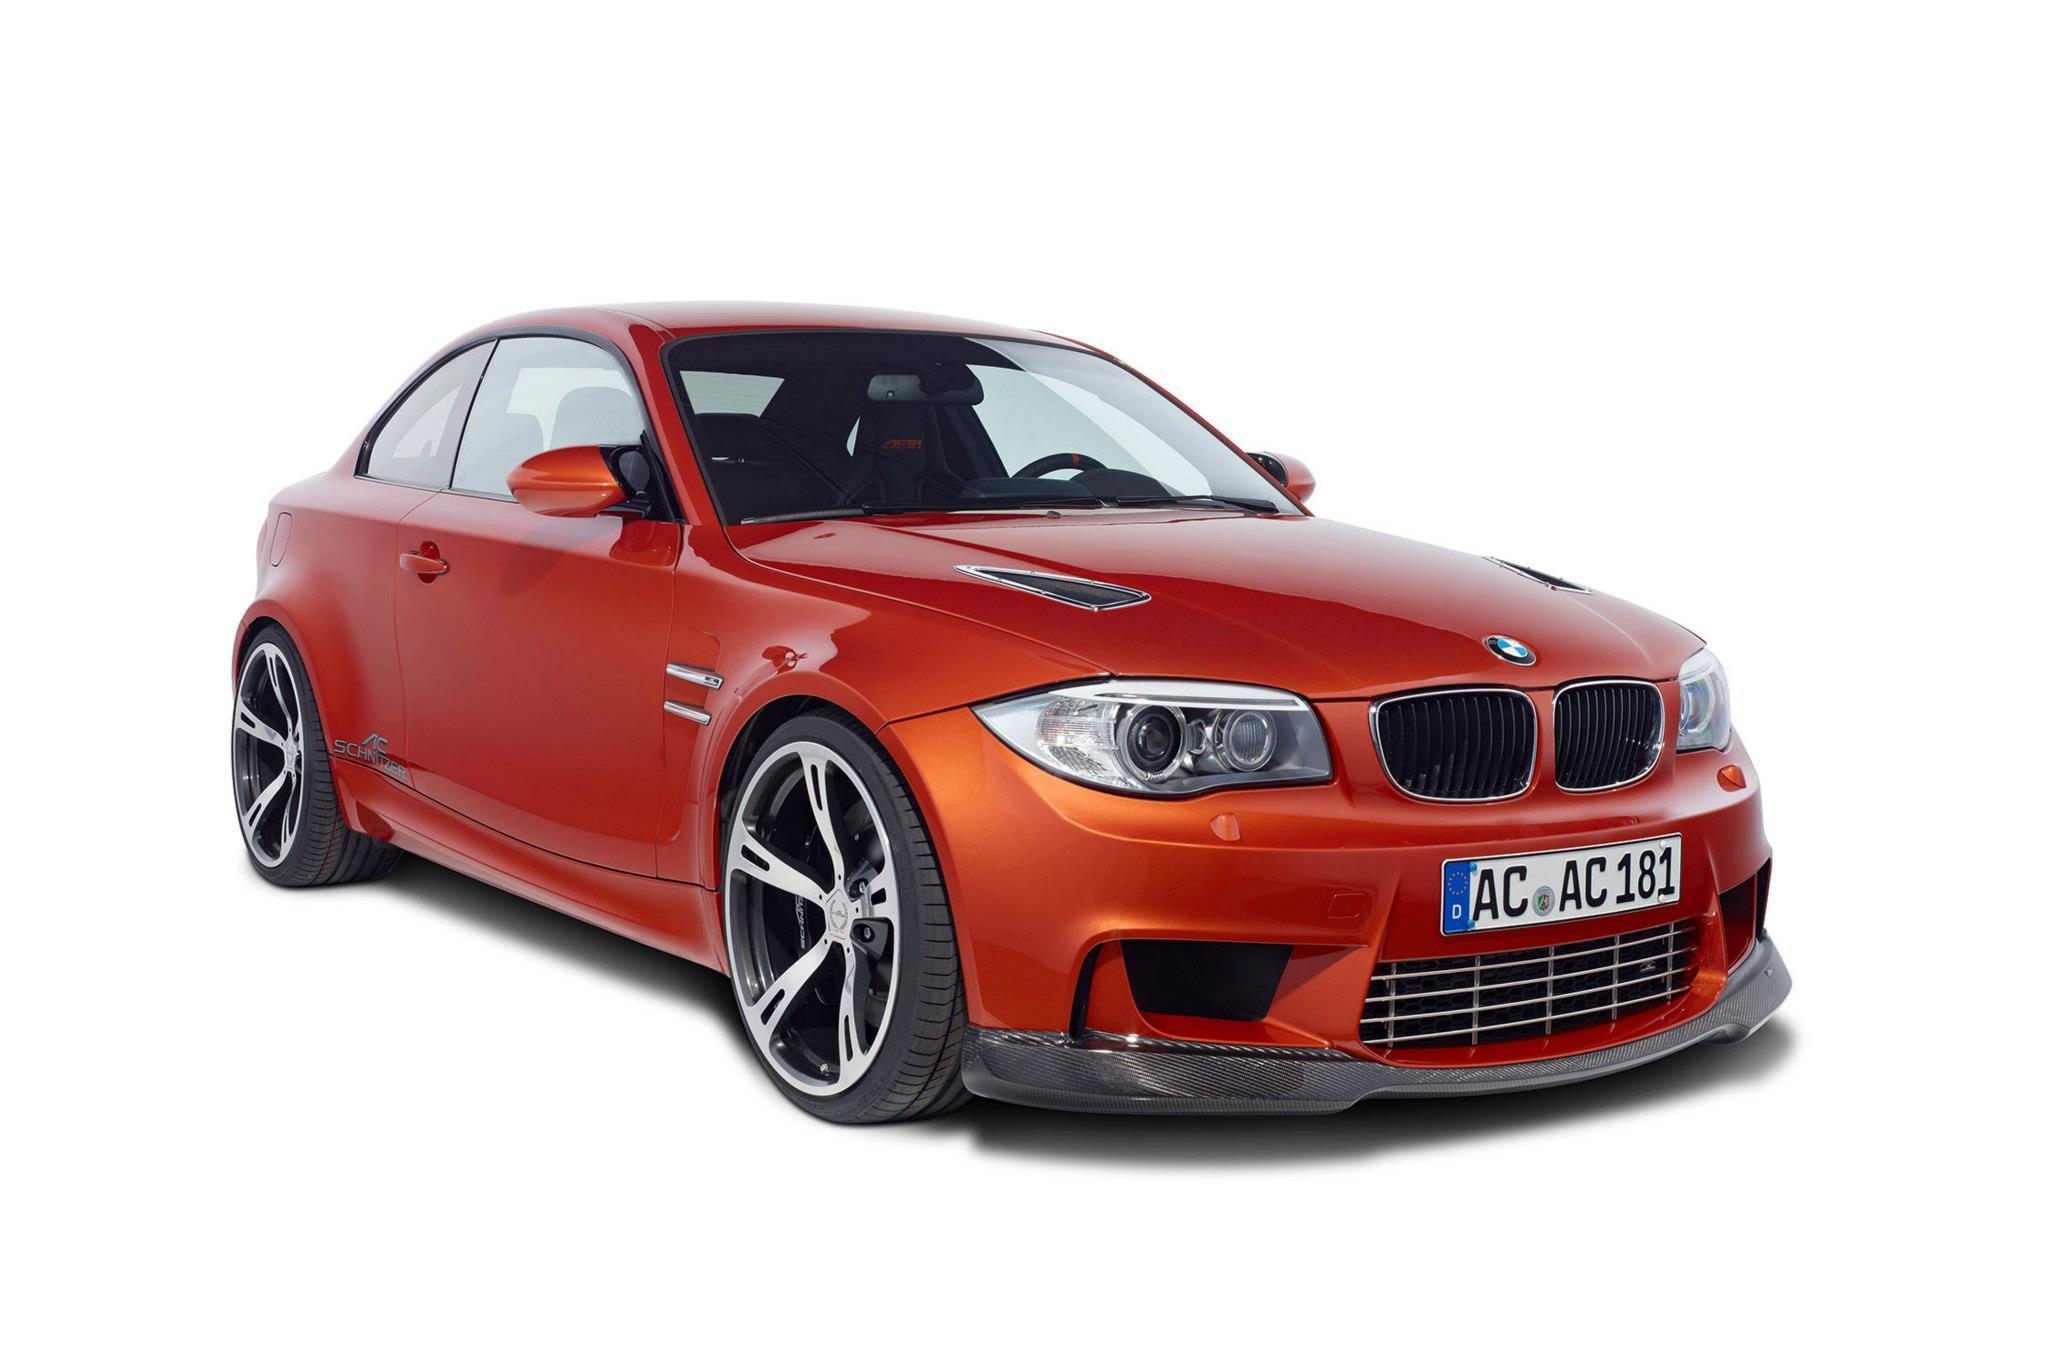 AC Schnitzer BMW 1-series M Coupe представила - фотография №4